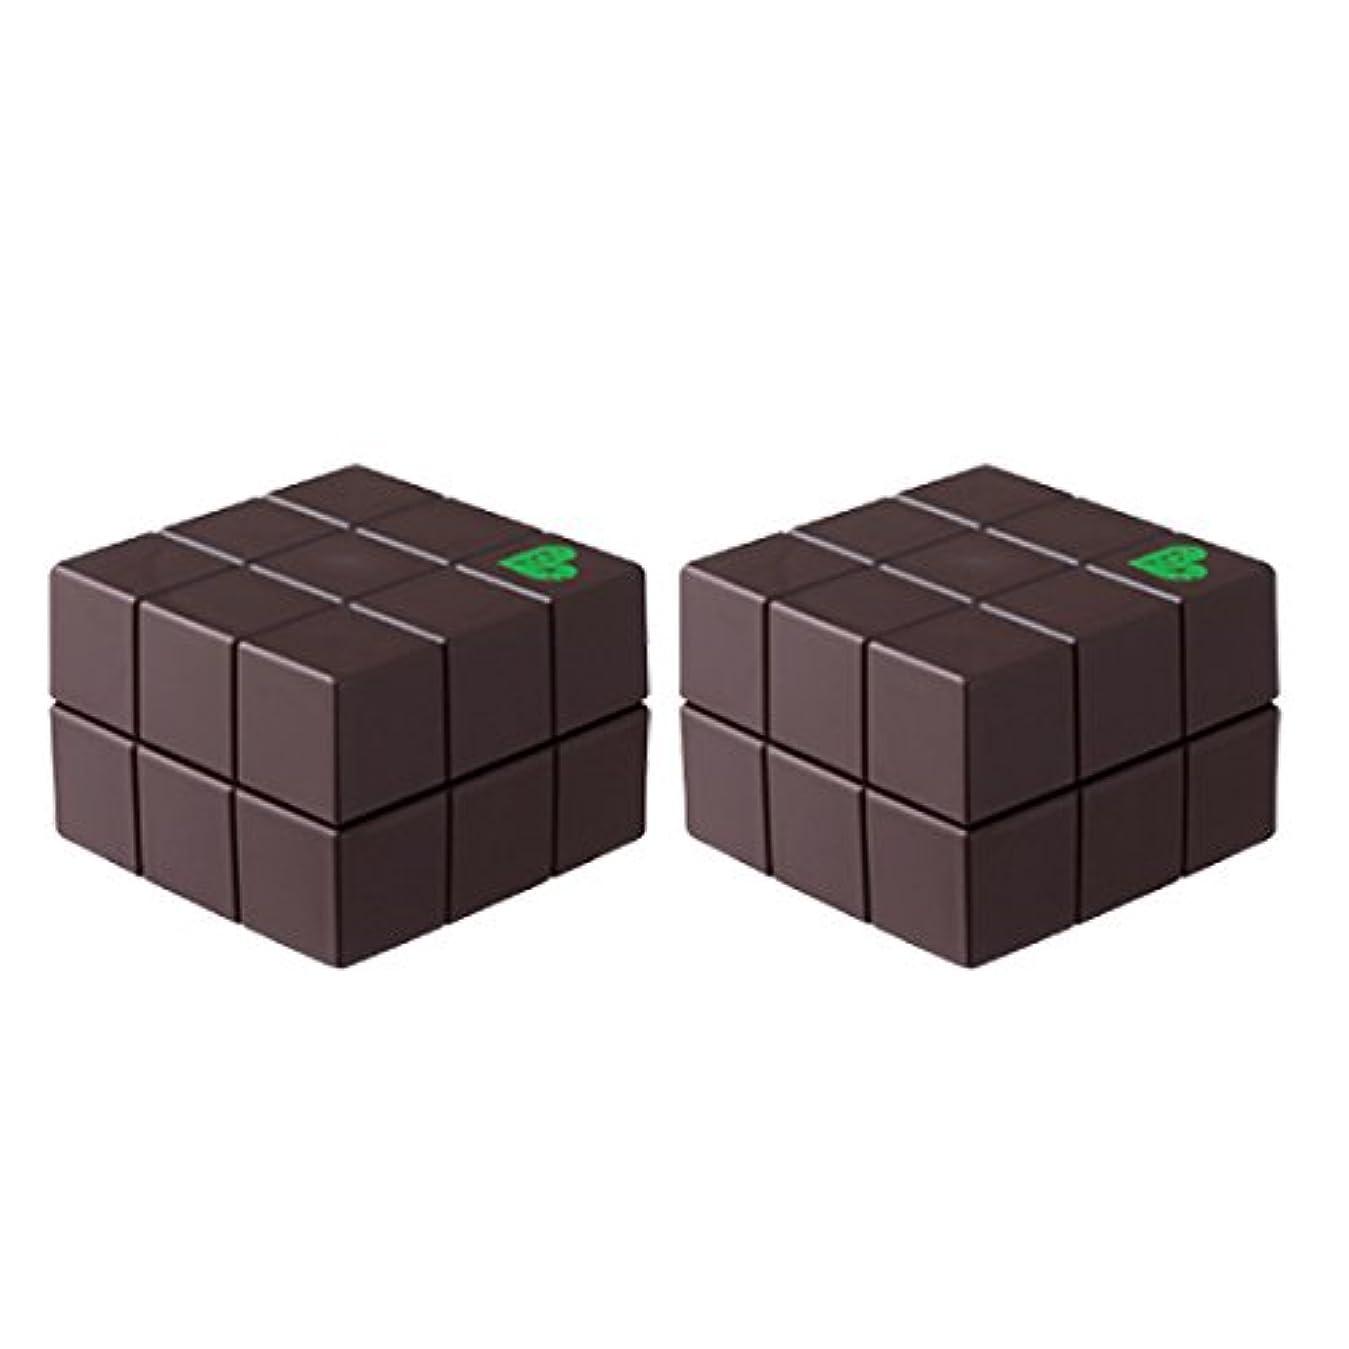 ほこり詳細にフレット【x2個セット】 アリミノ ピース プロデザインシリーズ ハードワックス チョコ 40g